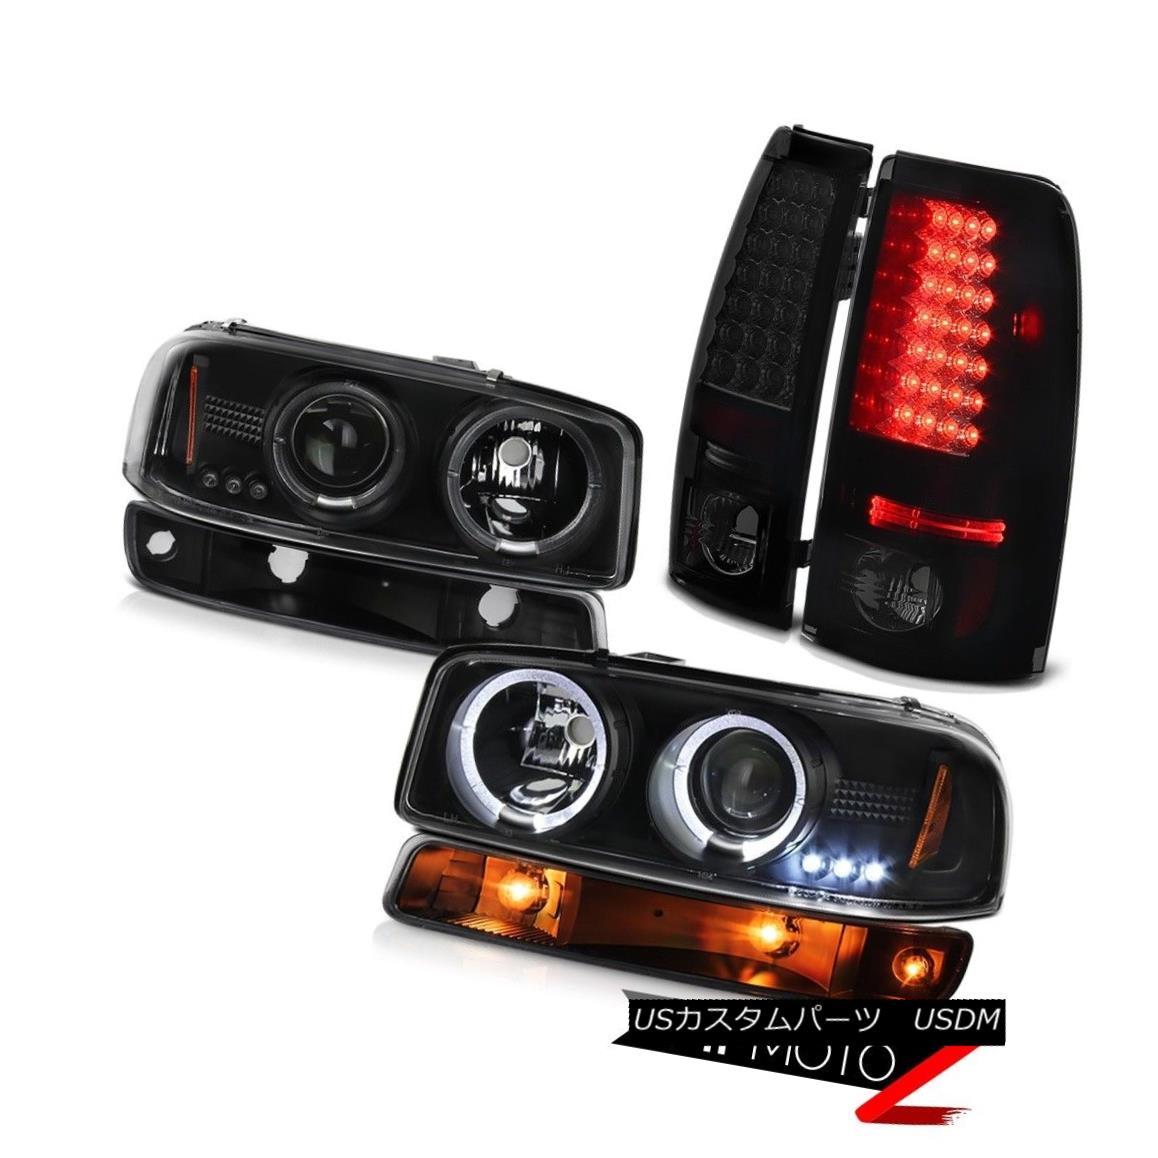 ヘッドライト 1999-2006 GMC Sierra Sinister black taillamps inky signal lamp Headlights LED 1999-2006 GMC Sierra Sinister黒いテールランプインクの信号ランプヘッドライトLED